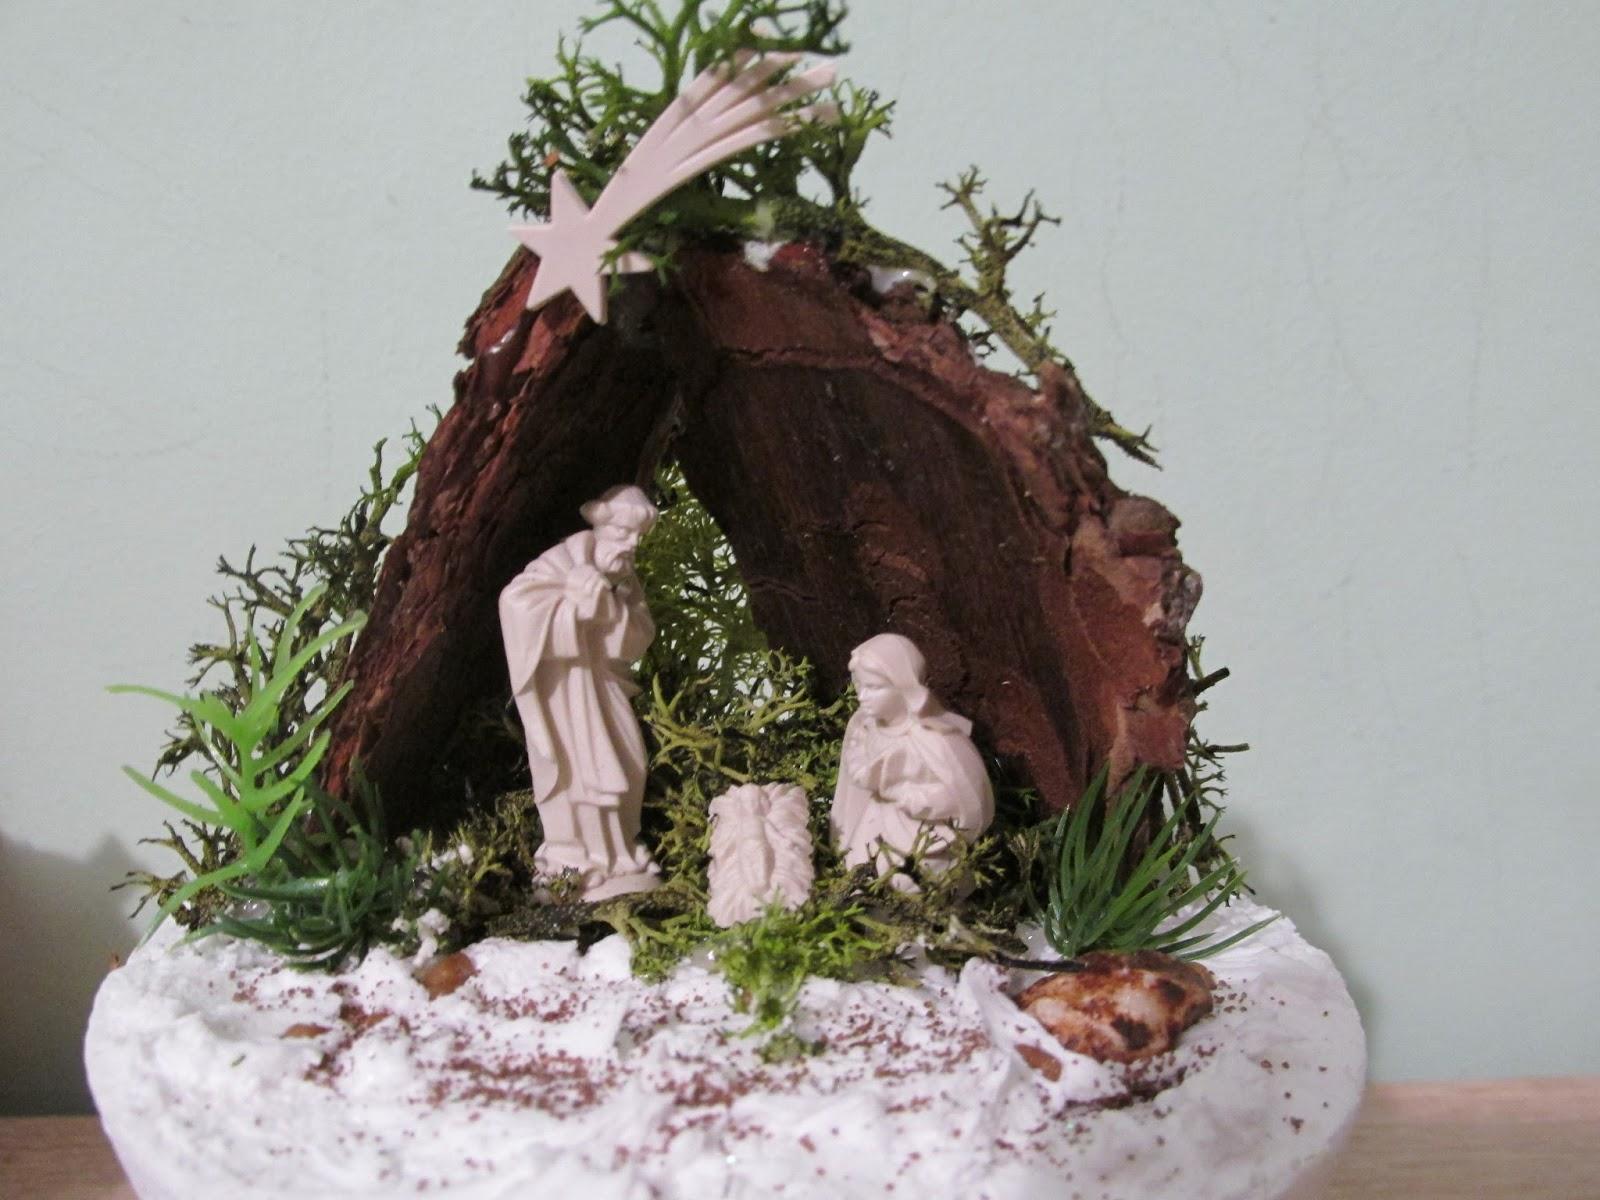 Szopka, Gwiazda Betlejemska, Święta Rodzina